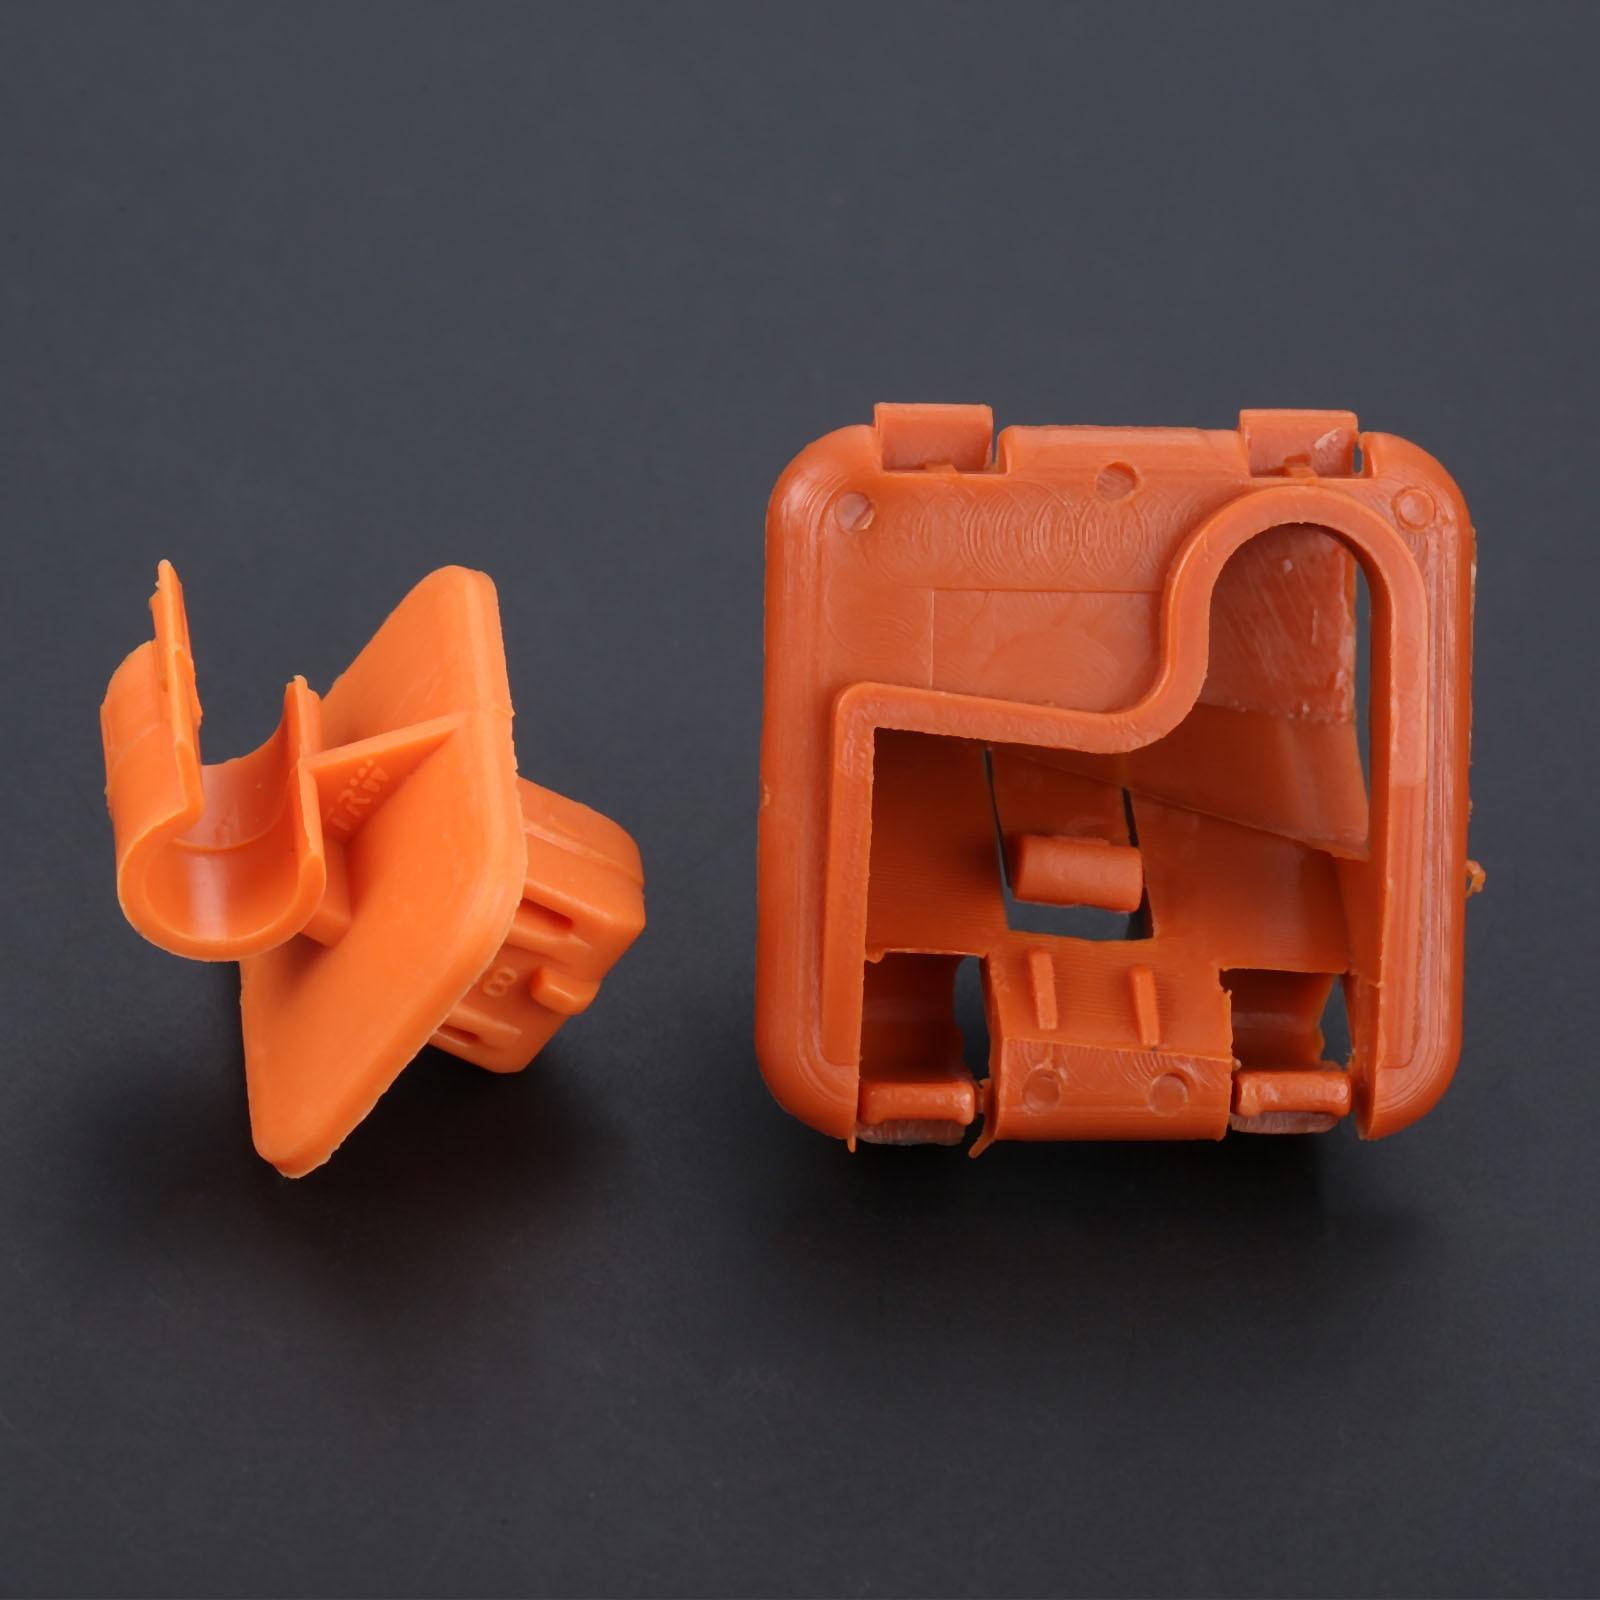 1U0823570A пластиковый автомобиль Roomster капот стержень держится кронштейн пряжка зажим для Skoda Fabia Octavia MK2 2004 2012 2013-in Клипсы и зажимы для авто from Автомобили и мотоциклы